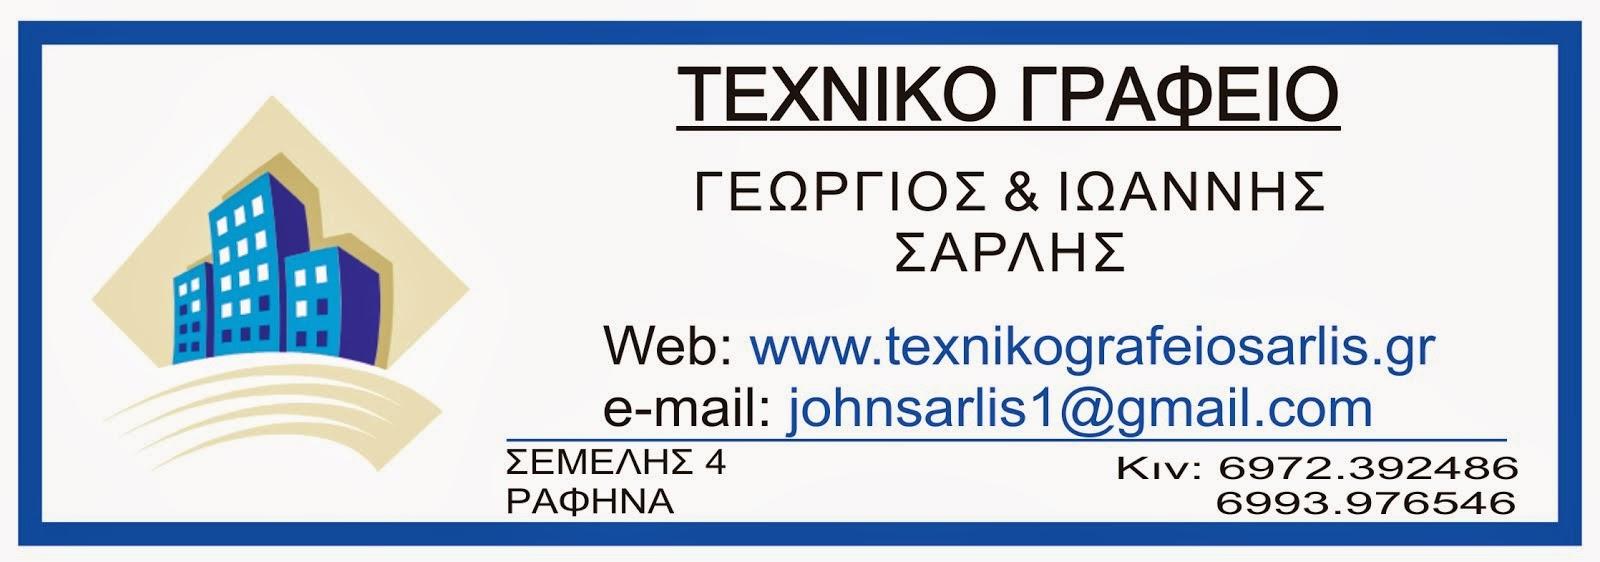 ΤΕΧΝΙΚΟ ΓΡΑΦΕΙΟ ΣΑΡΛΗΣ